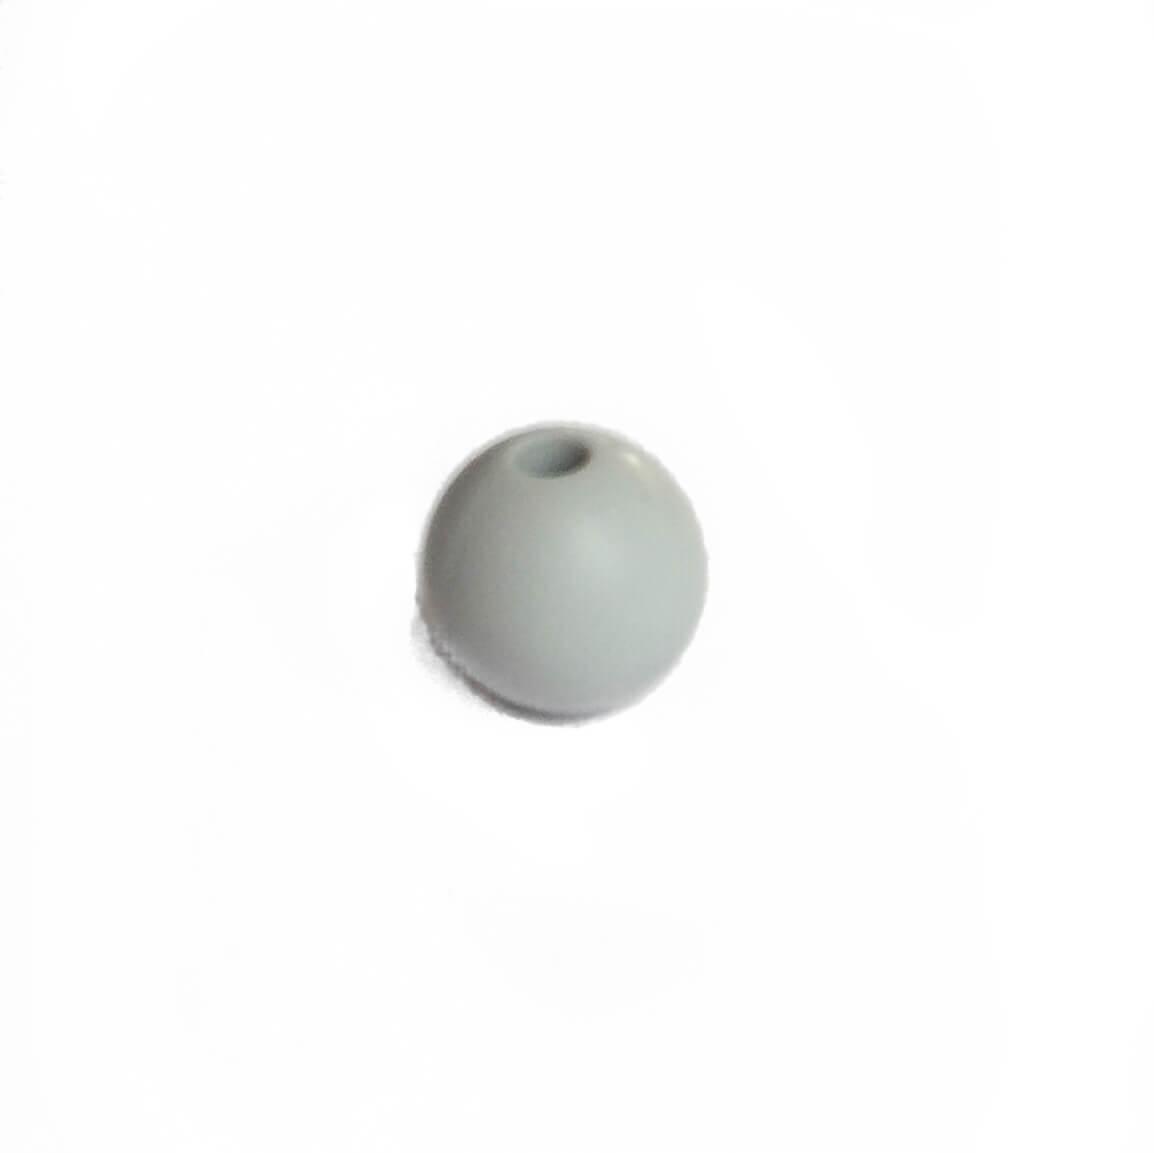 9мм (светло серый) круглая, силиконовая бусина